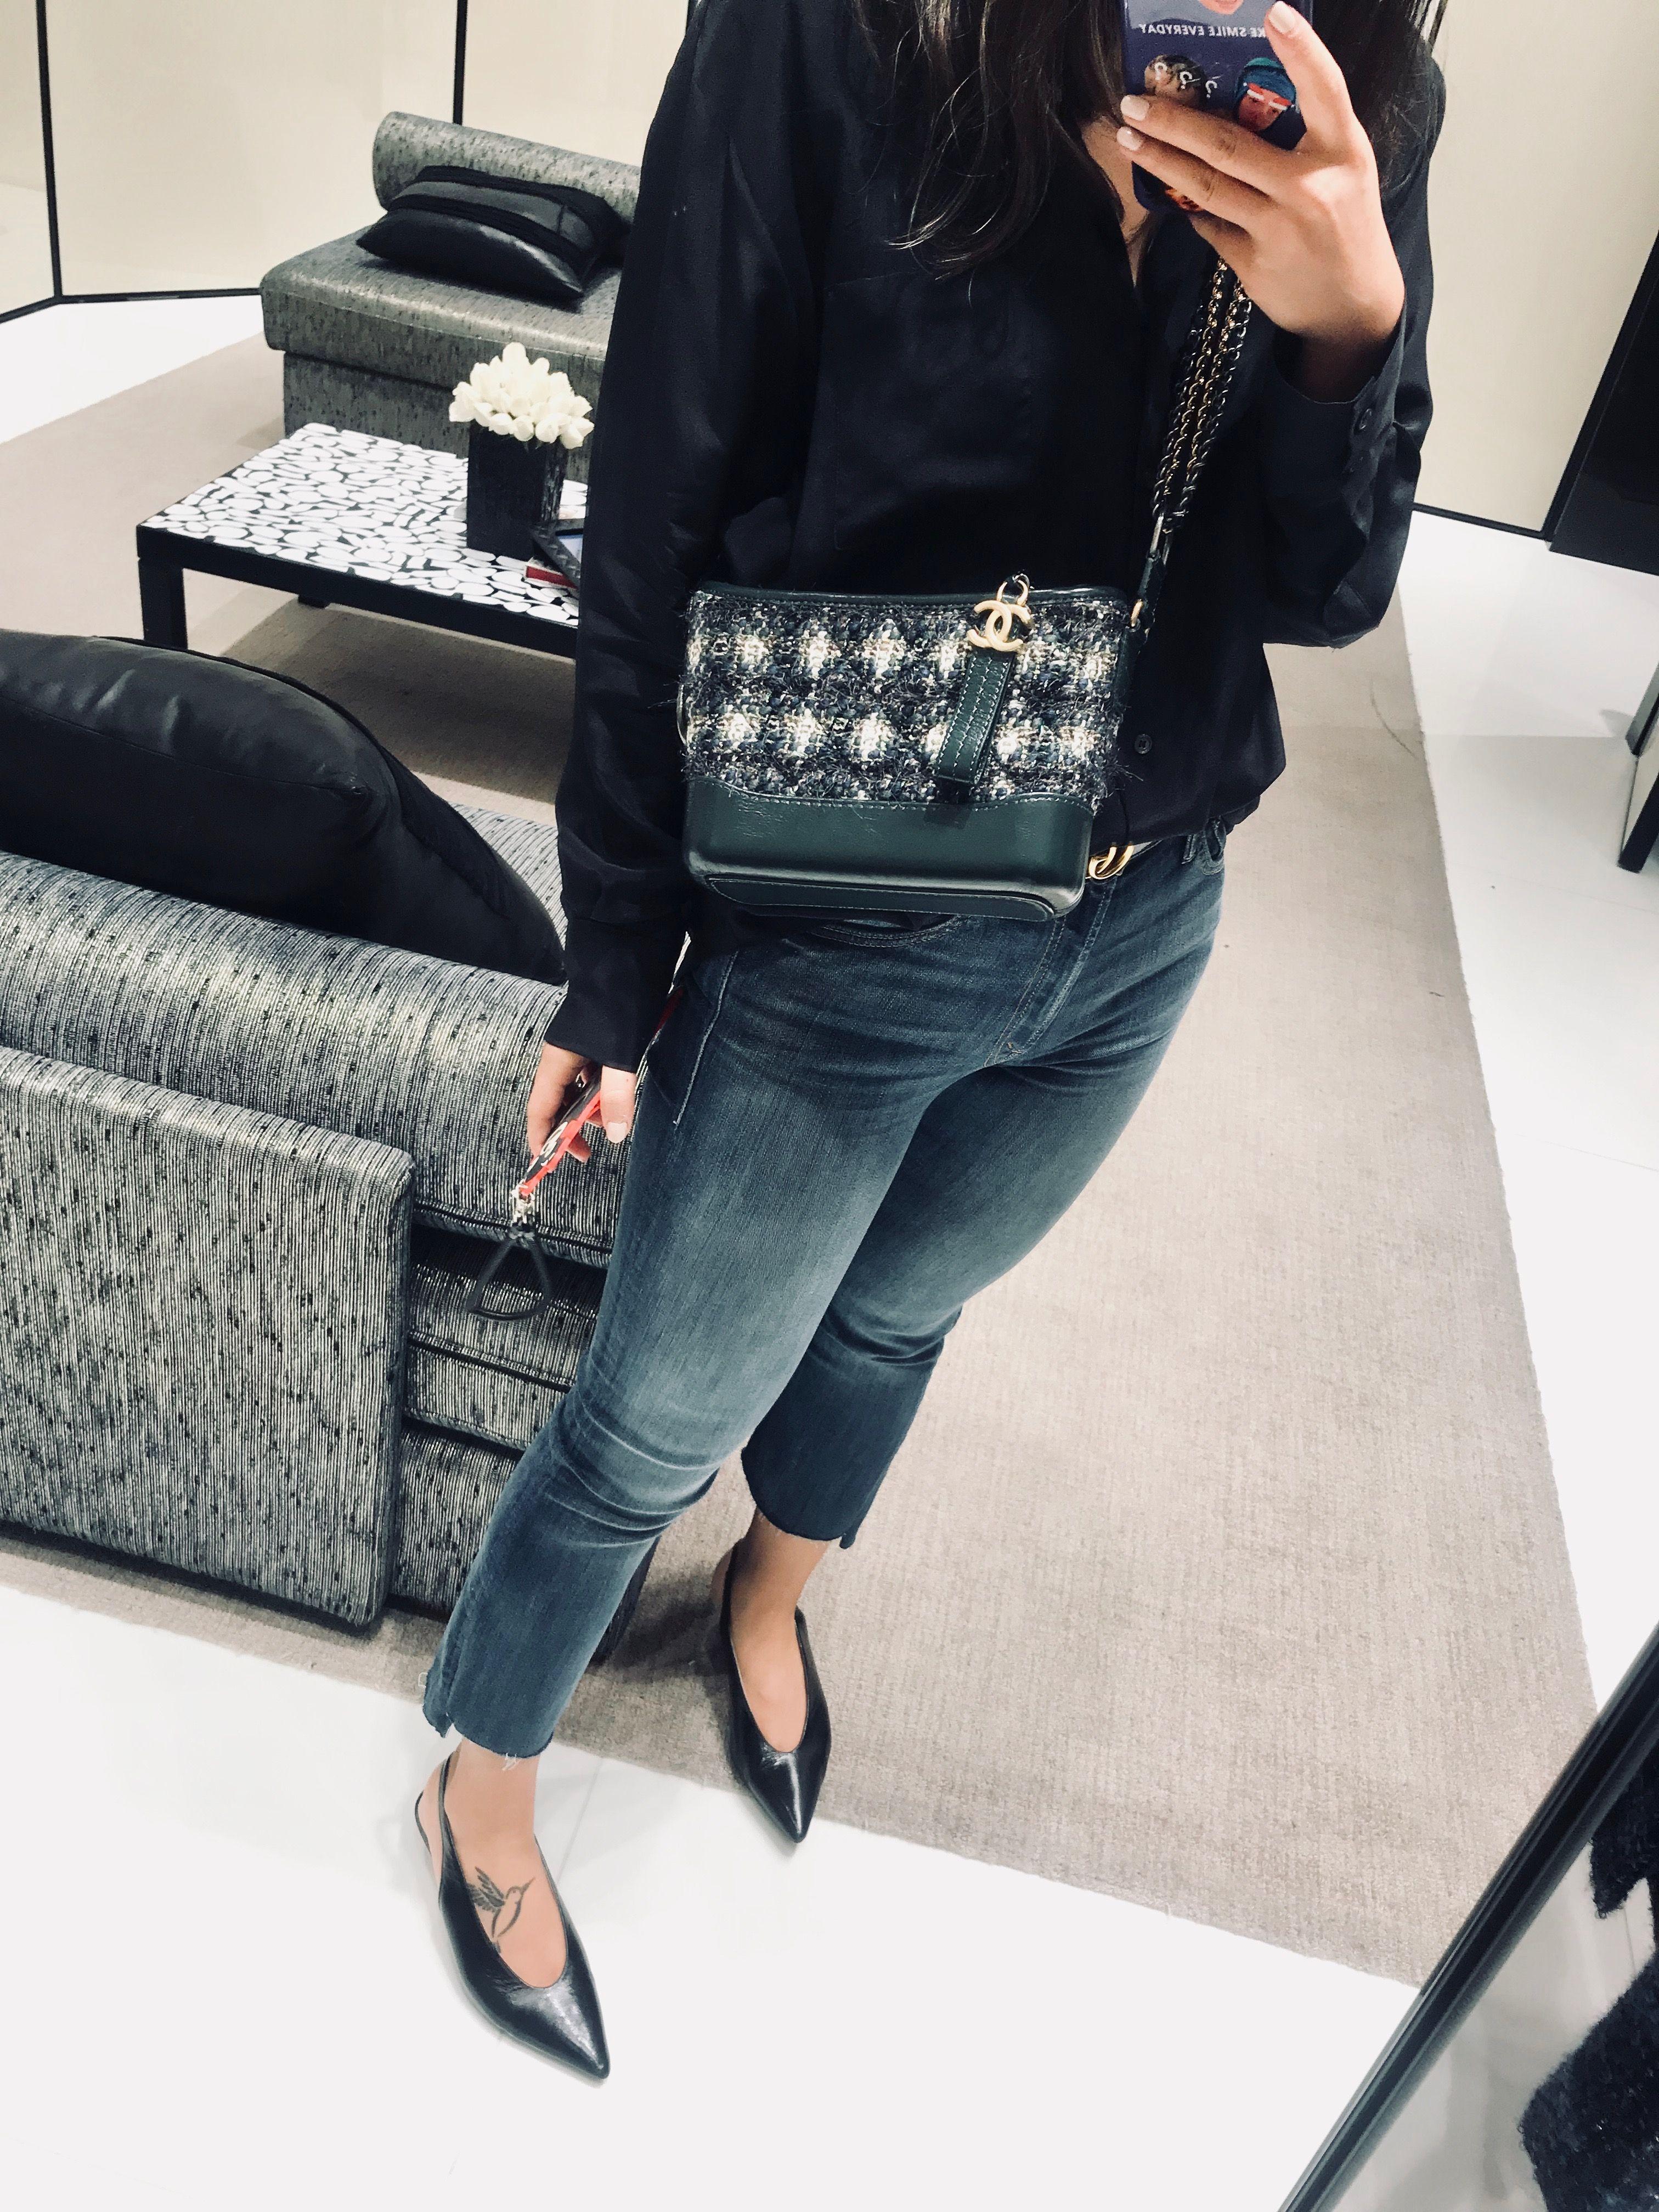 e02d3838a6b22c Chanel Gabrielle Bag - 2018.9.13 | Designer Handbag Collection ...